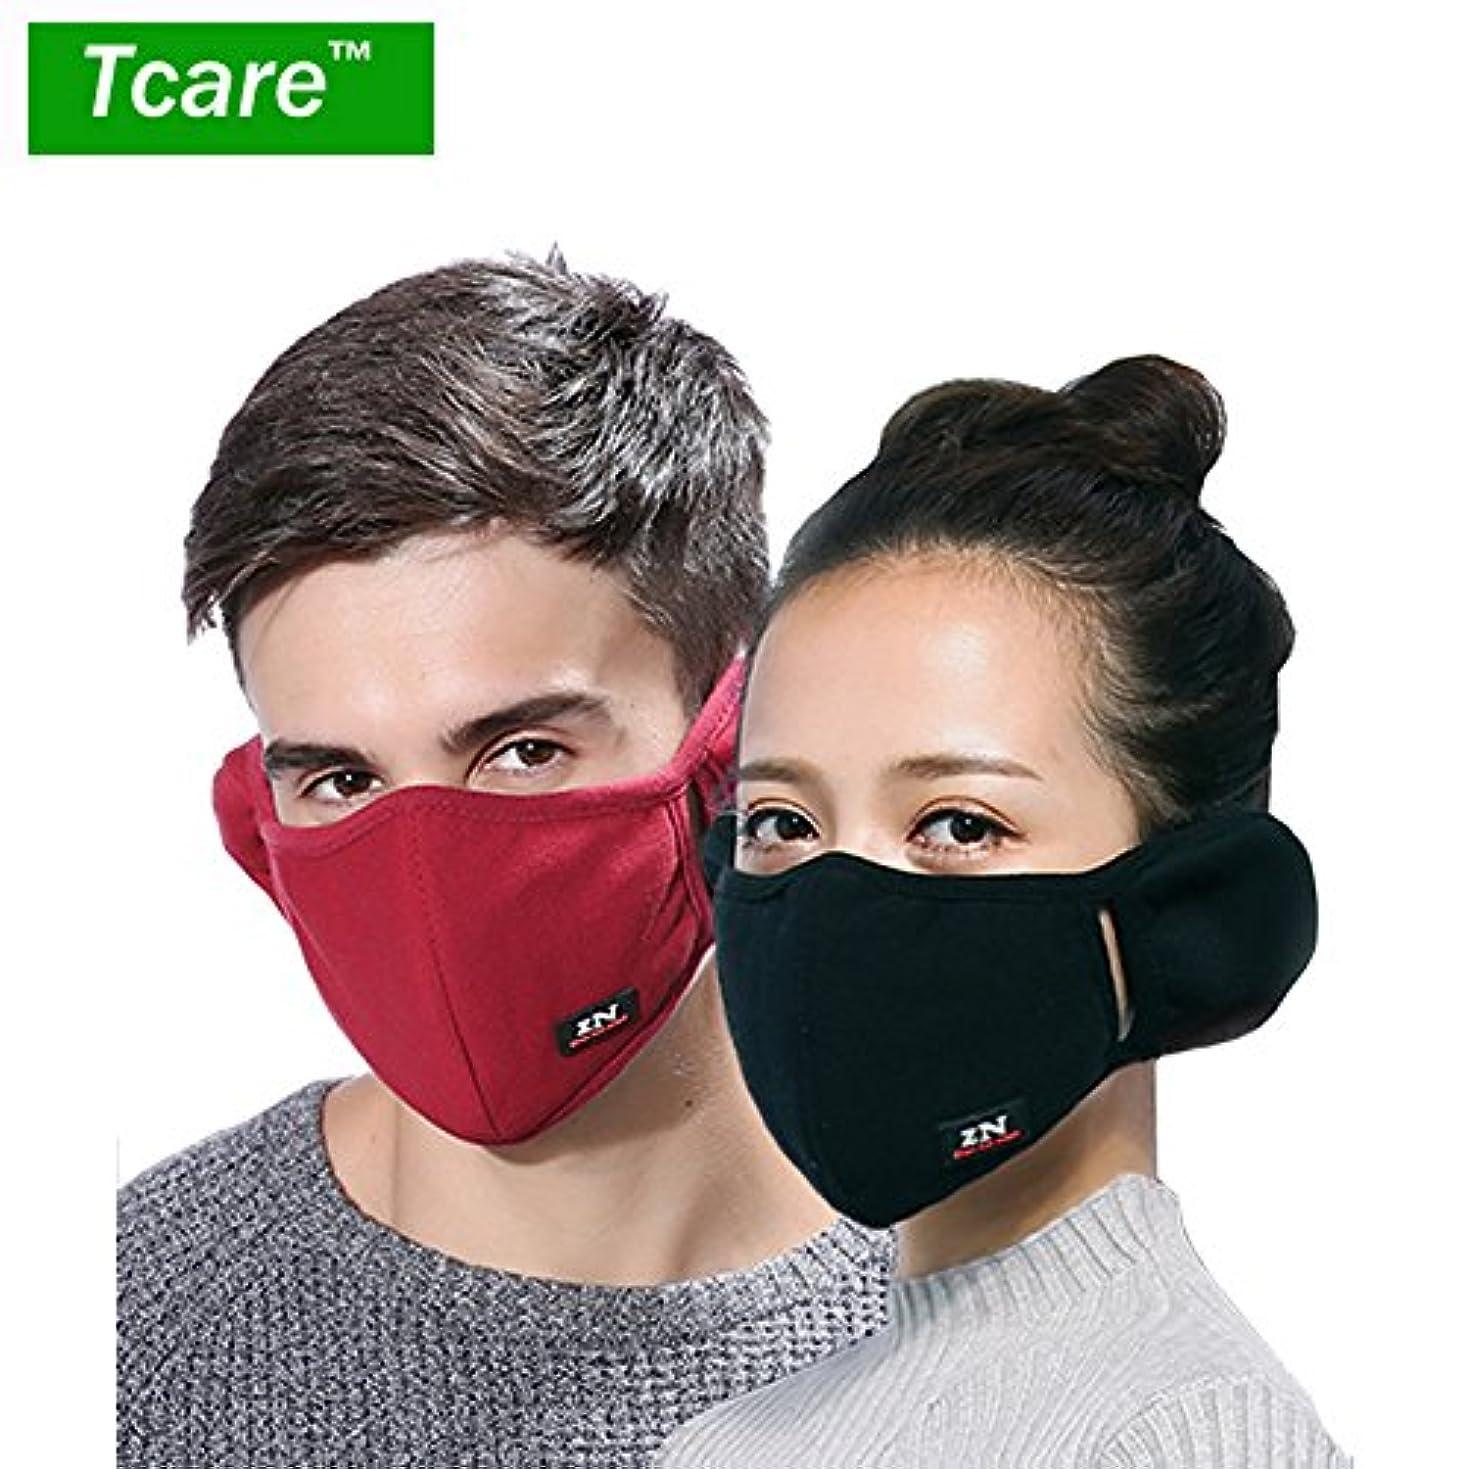 男性女性の少年少女のためのTcare呼吸器2レイヤピュアコットン保護フィルター挿入口:5ブラウン